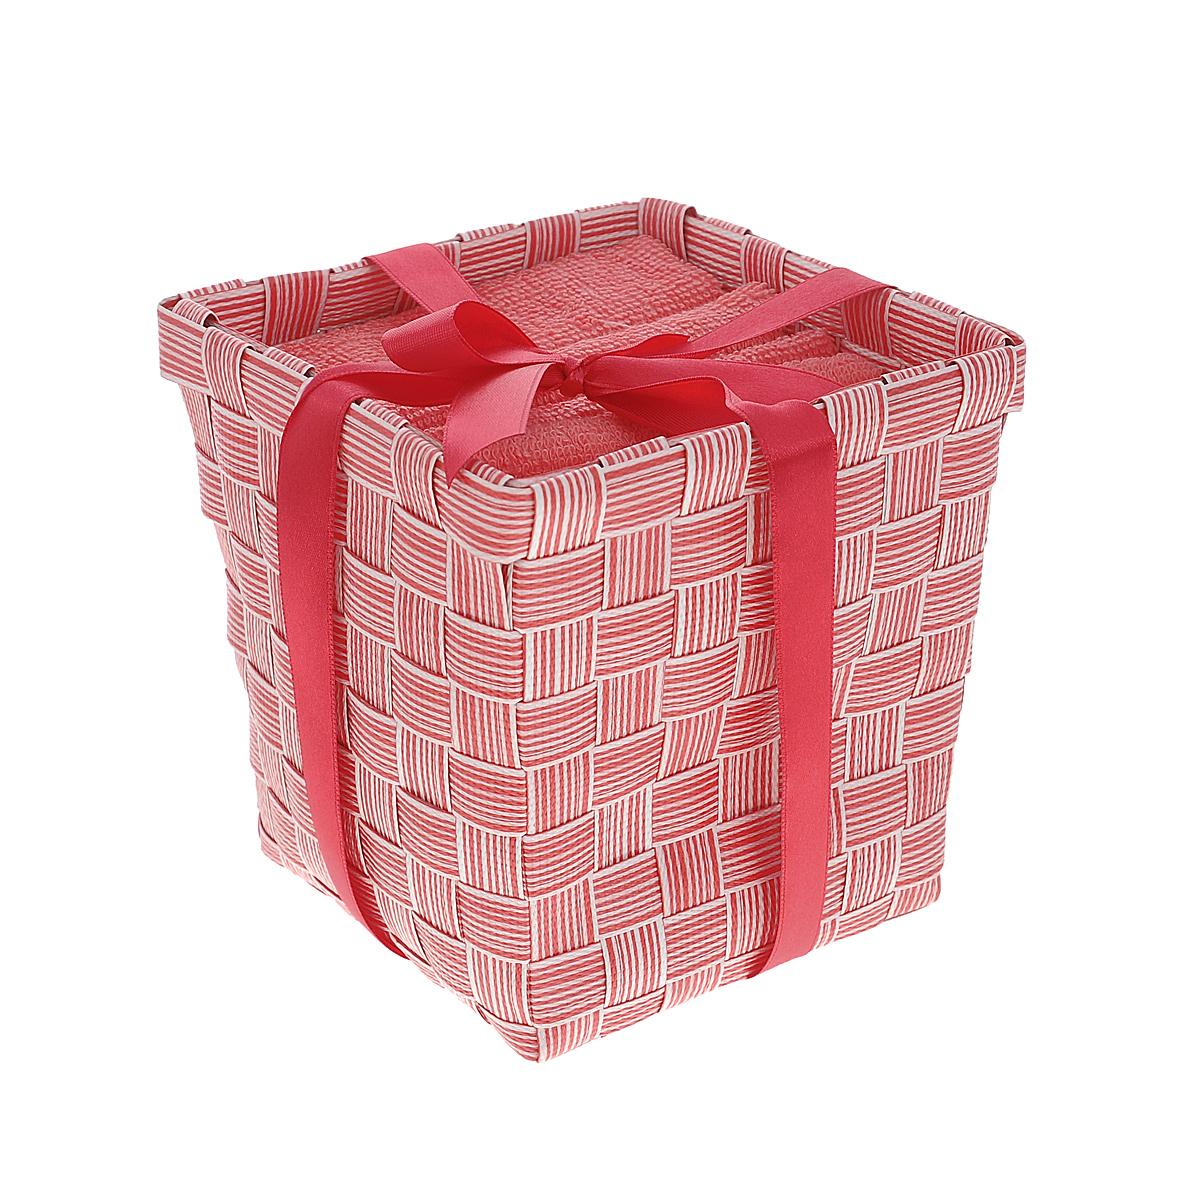 Набор полотенец Miolla, в корзине, цвет: коралловый, 30 см х 30 см, 6 штBTS1032CНабор Miolla состоит из шести квадратных полотенец, выполненных из хлопка. Полотенца мягкие, приятные на ощупь, хорошо впитывают влагу. Для хранения полотенец предусмотрена специальная плетеная корзинка, перевязанная атласной ленточкой. Такой набор станет хорошим подарком для хозяйки и пригодится в быту.